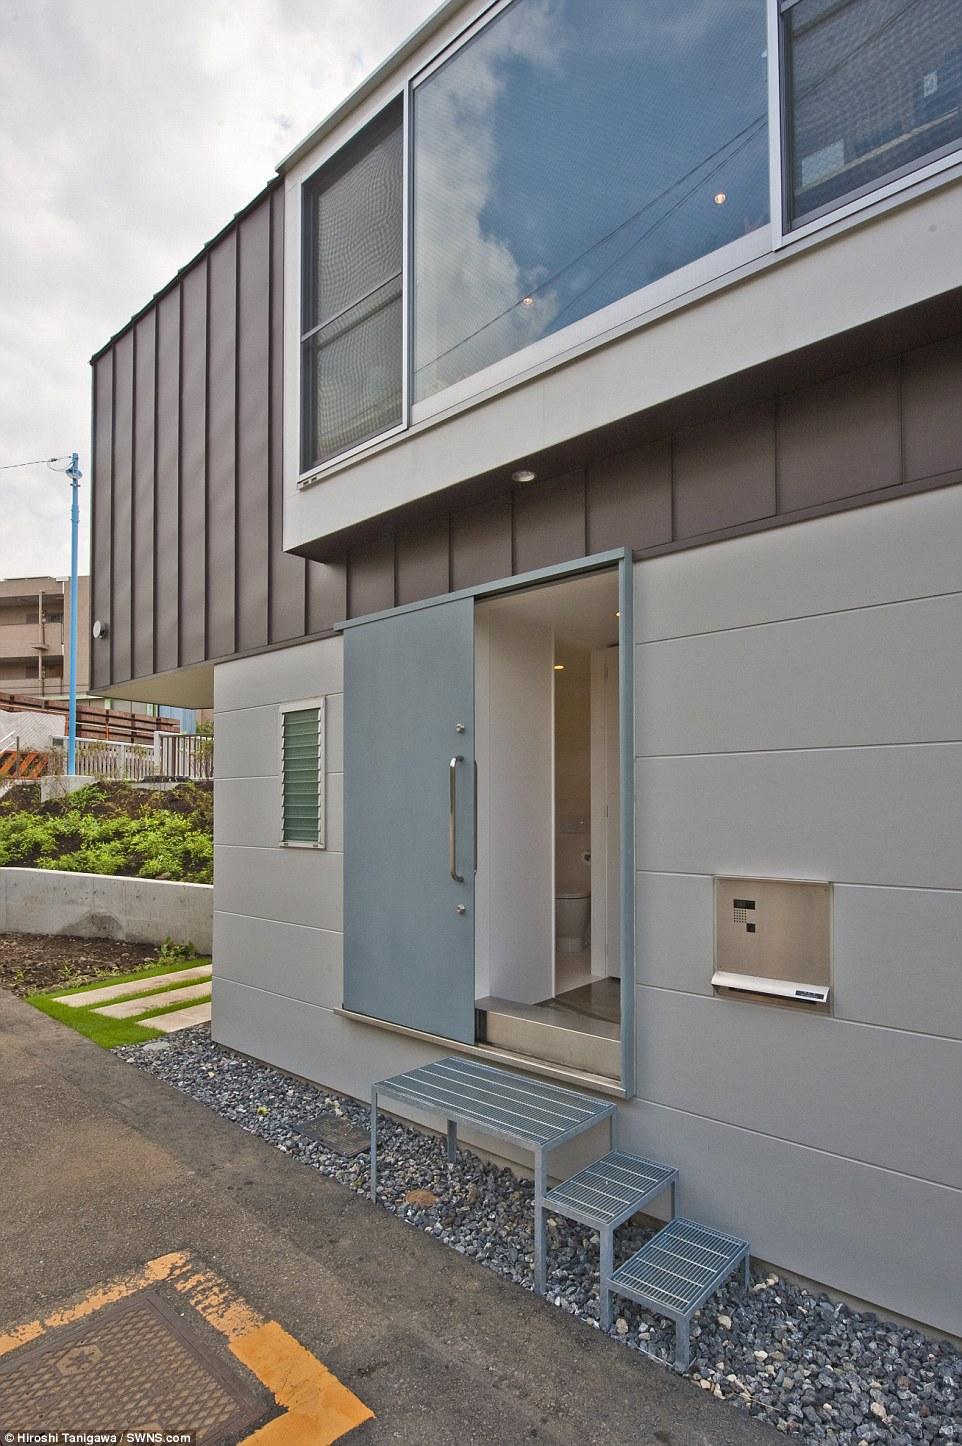 Nulla di intentato: Anche la porta scorrevole si assicura che ogni singolo millimetro di spazio viene utilizzato per dare la capacità massima casa